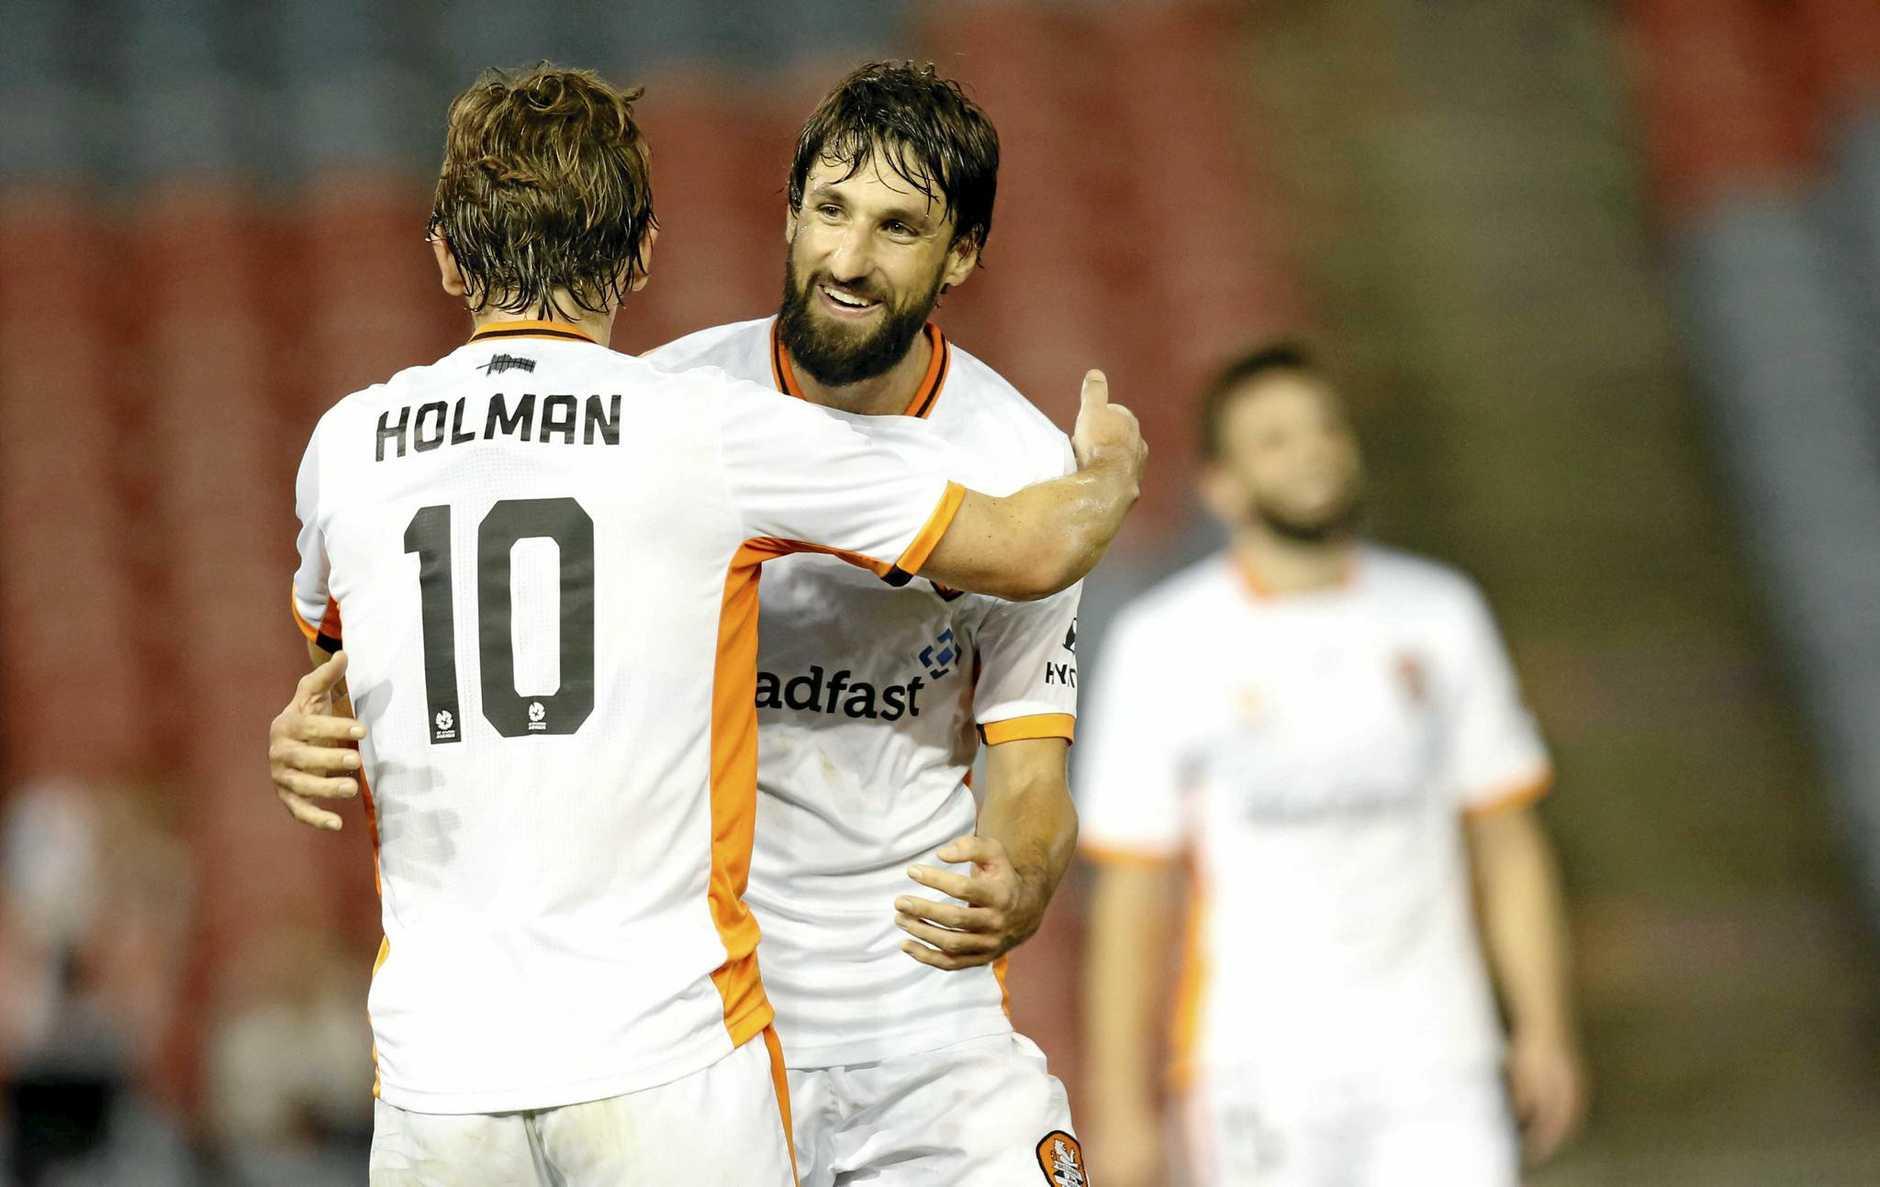 Brett Holmann and Thomas Broich of Brisbane Roar celebrate the win.